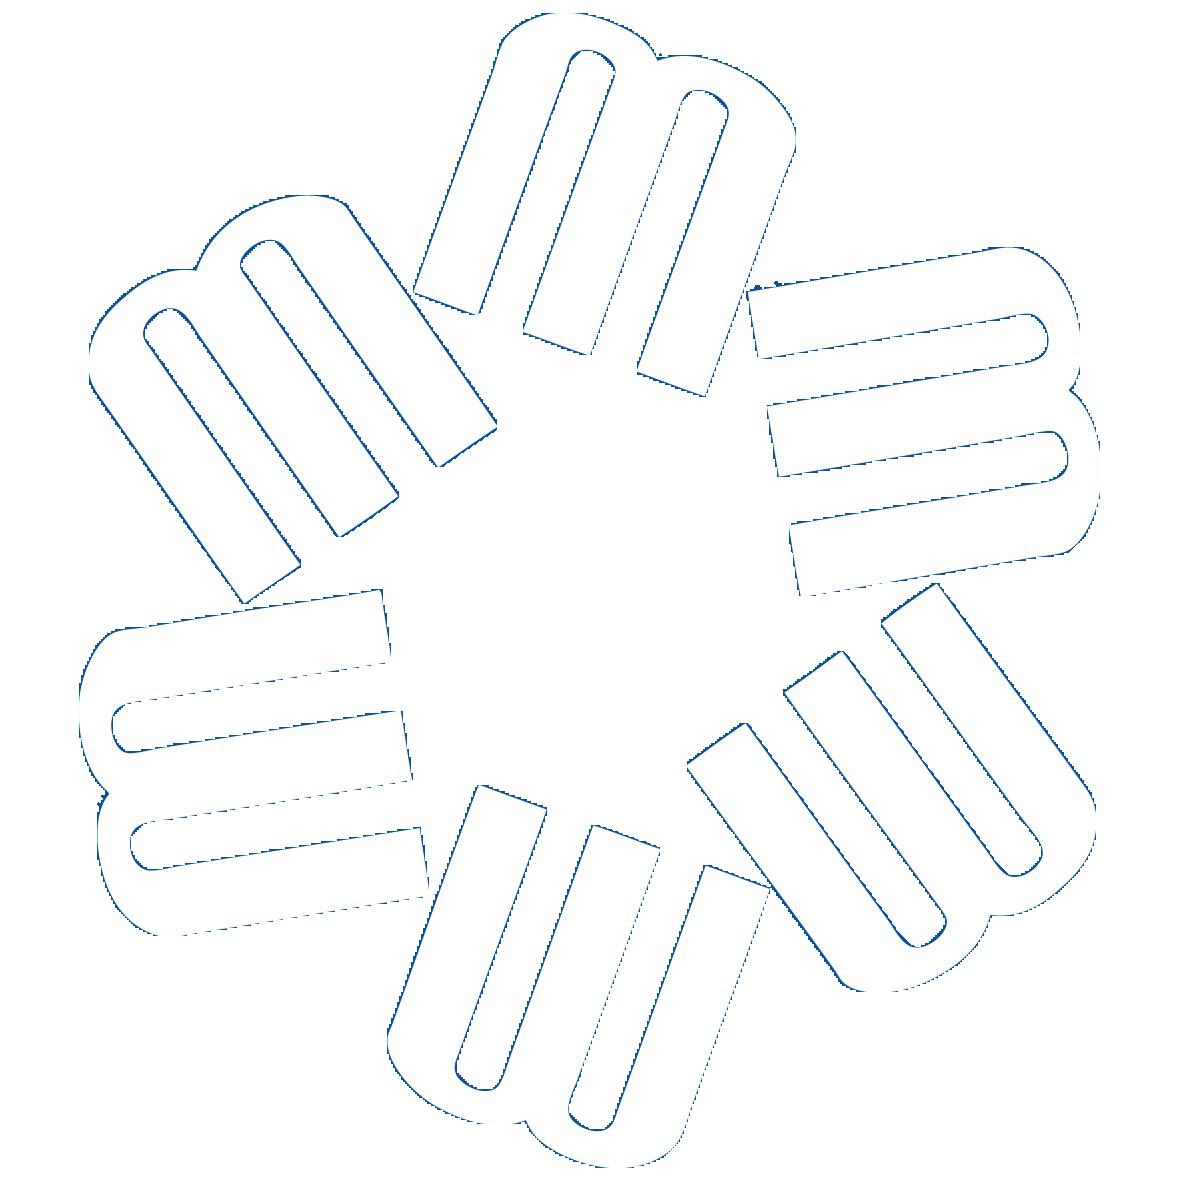 6m logo 2 white